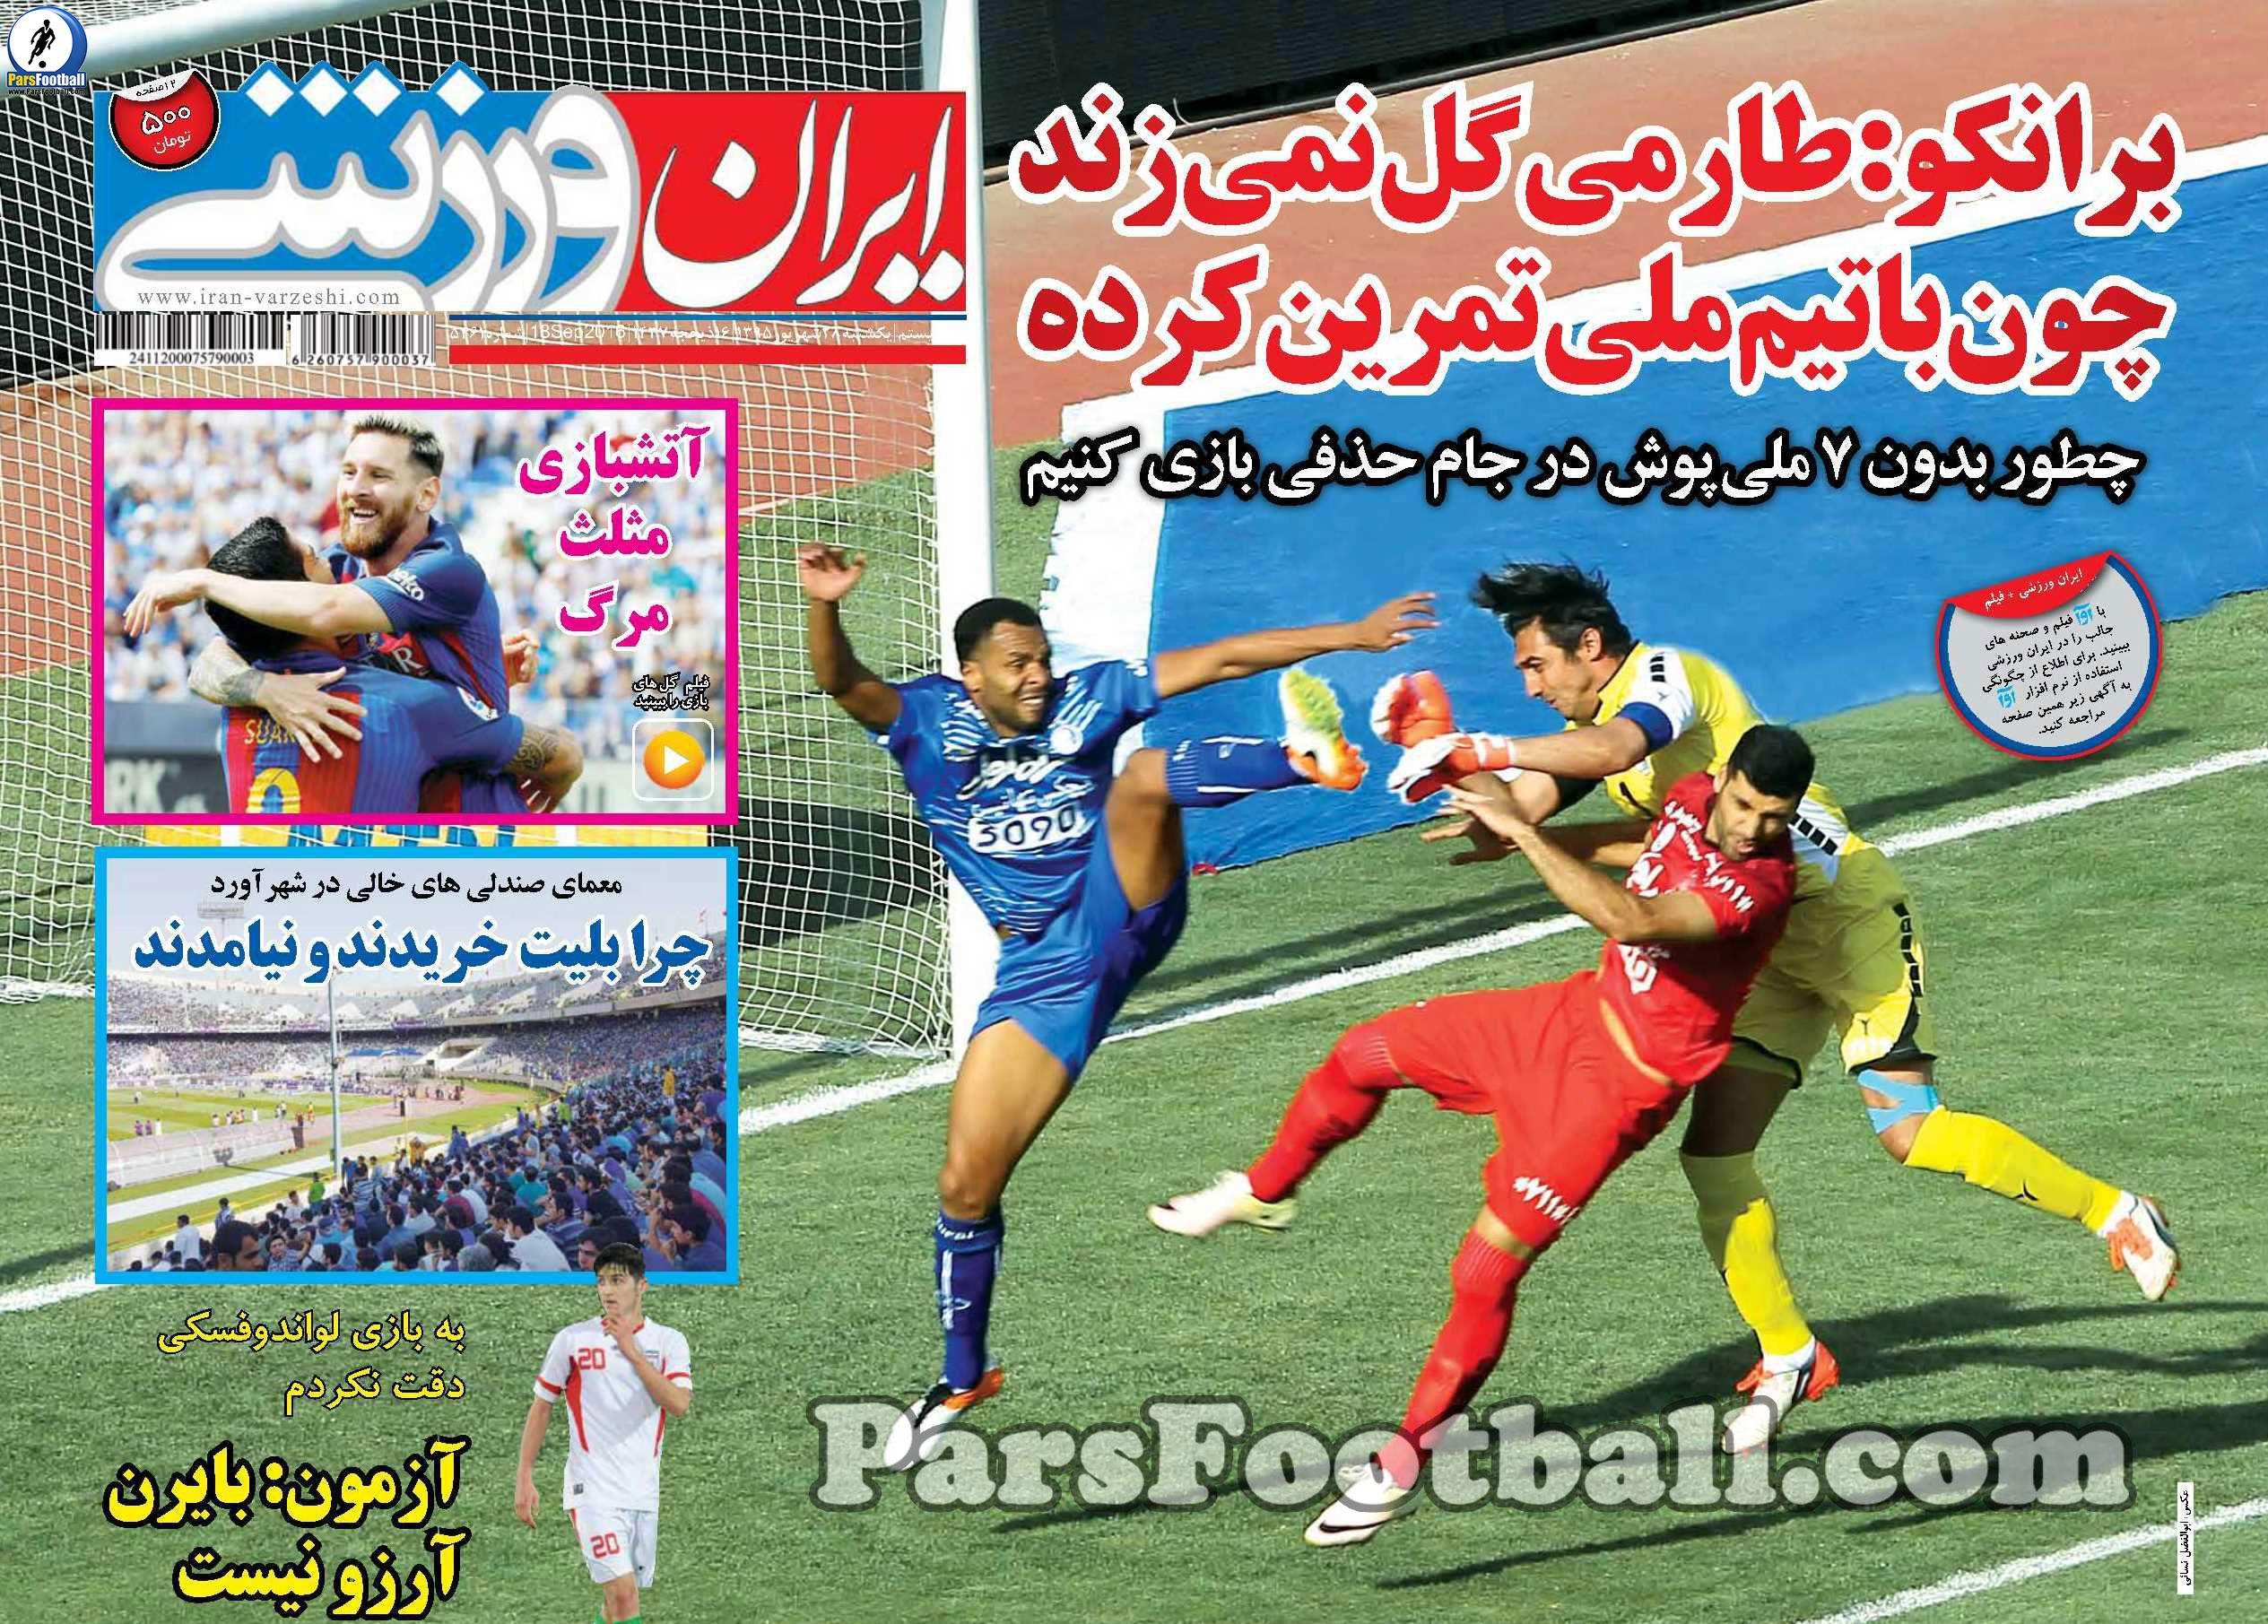 روزنامه ایران ورزشی یکشنبه 28 شهریور 95